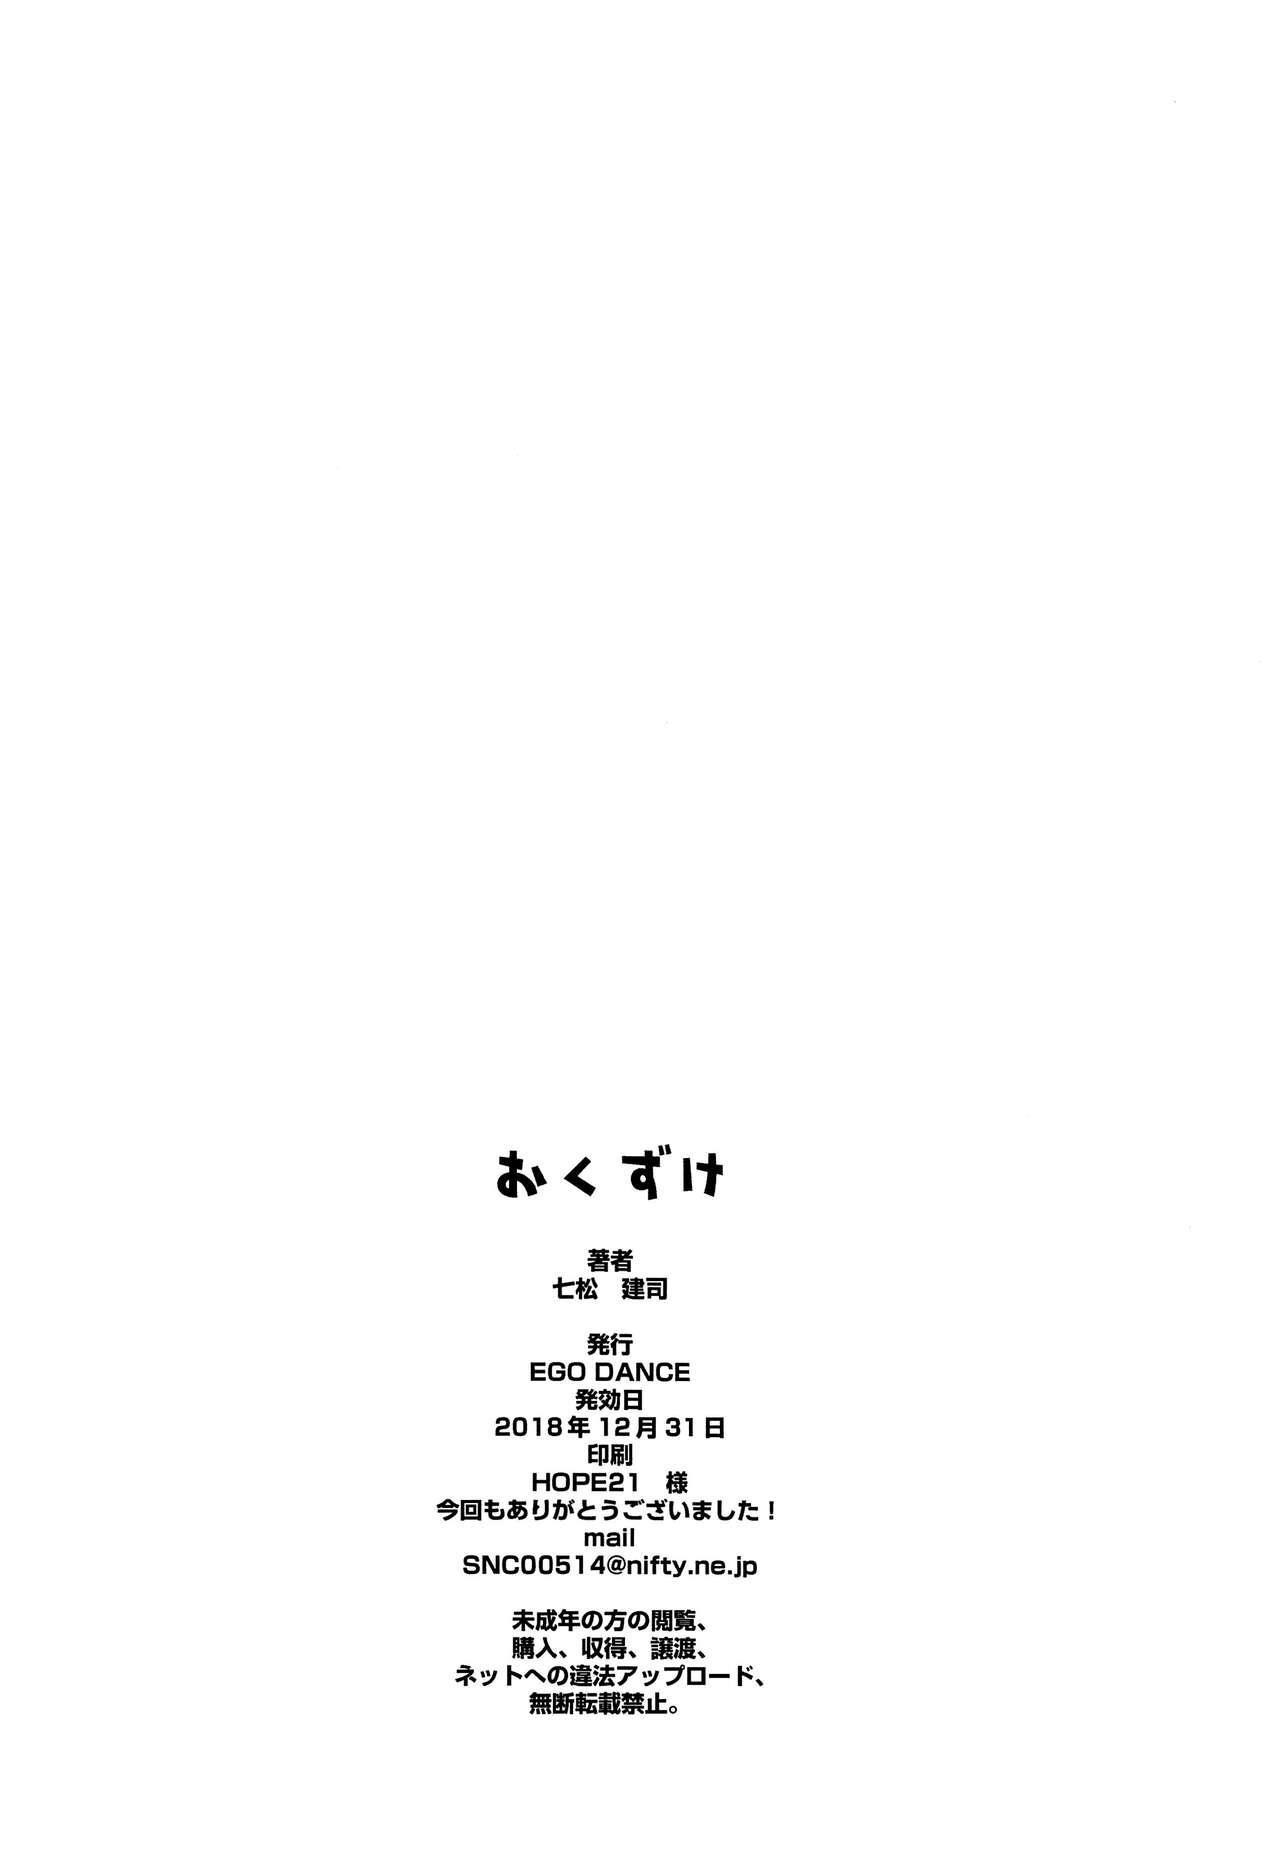 Chiisai Chinpo de Onii-chan Men shite Suimasendeshita 22